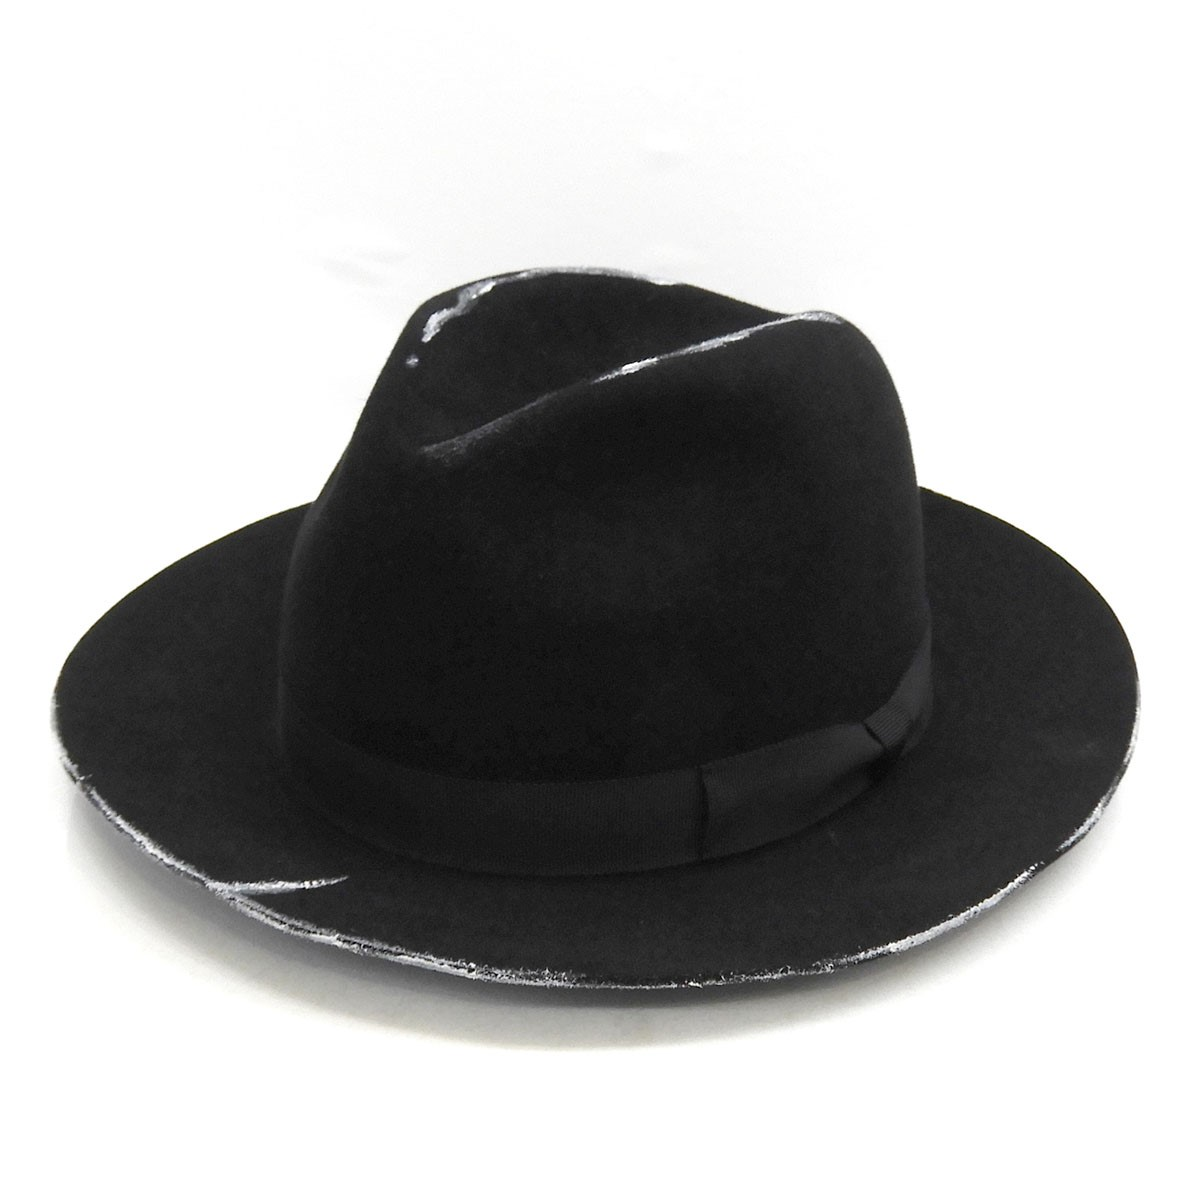 買物 ヨウジヤマモトプールオム 中古 YOHJI YAMAMOTO pour 公式ストア homme ブラック 160521 2020AW サイズ:3 アンテロープ帽体ソフトハット